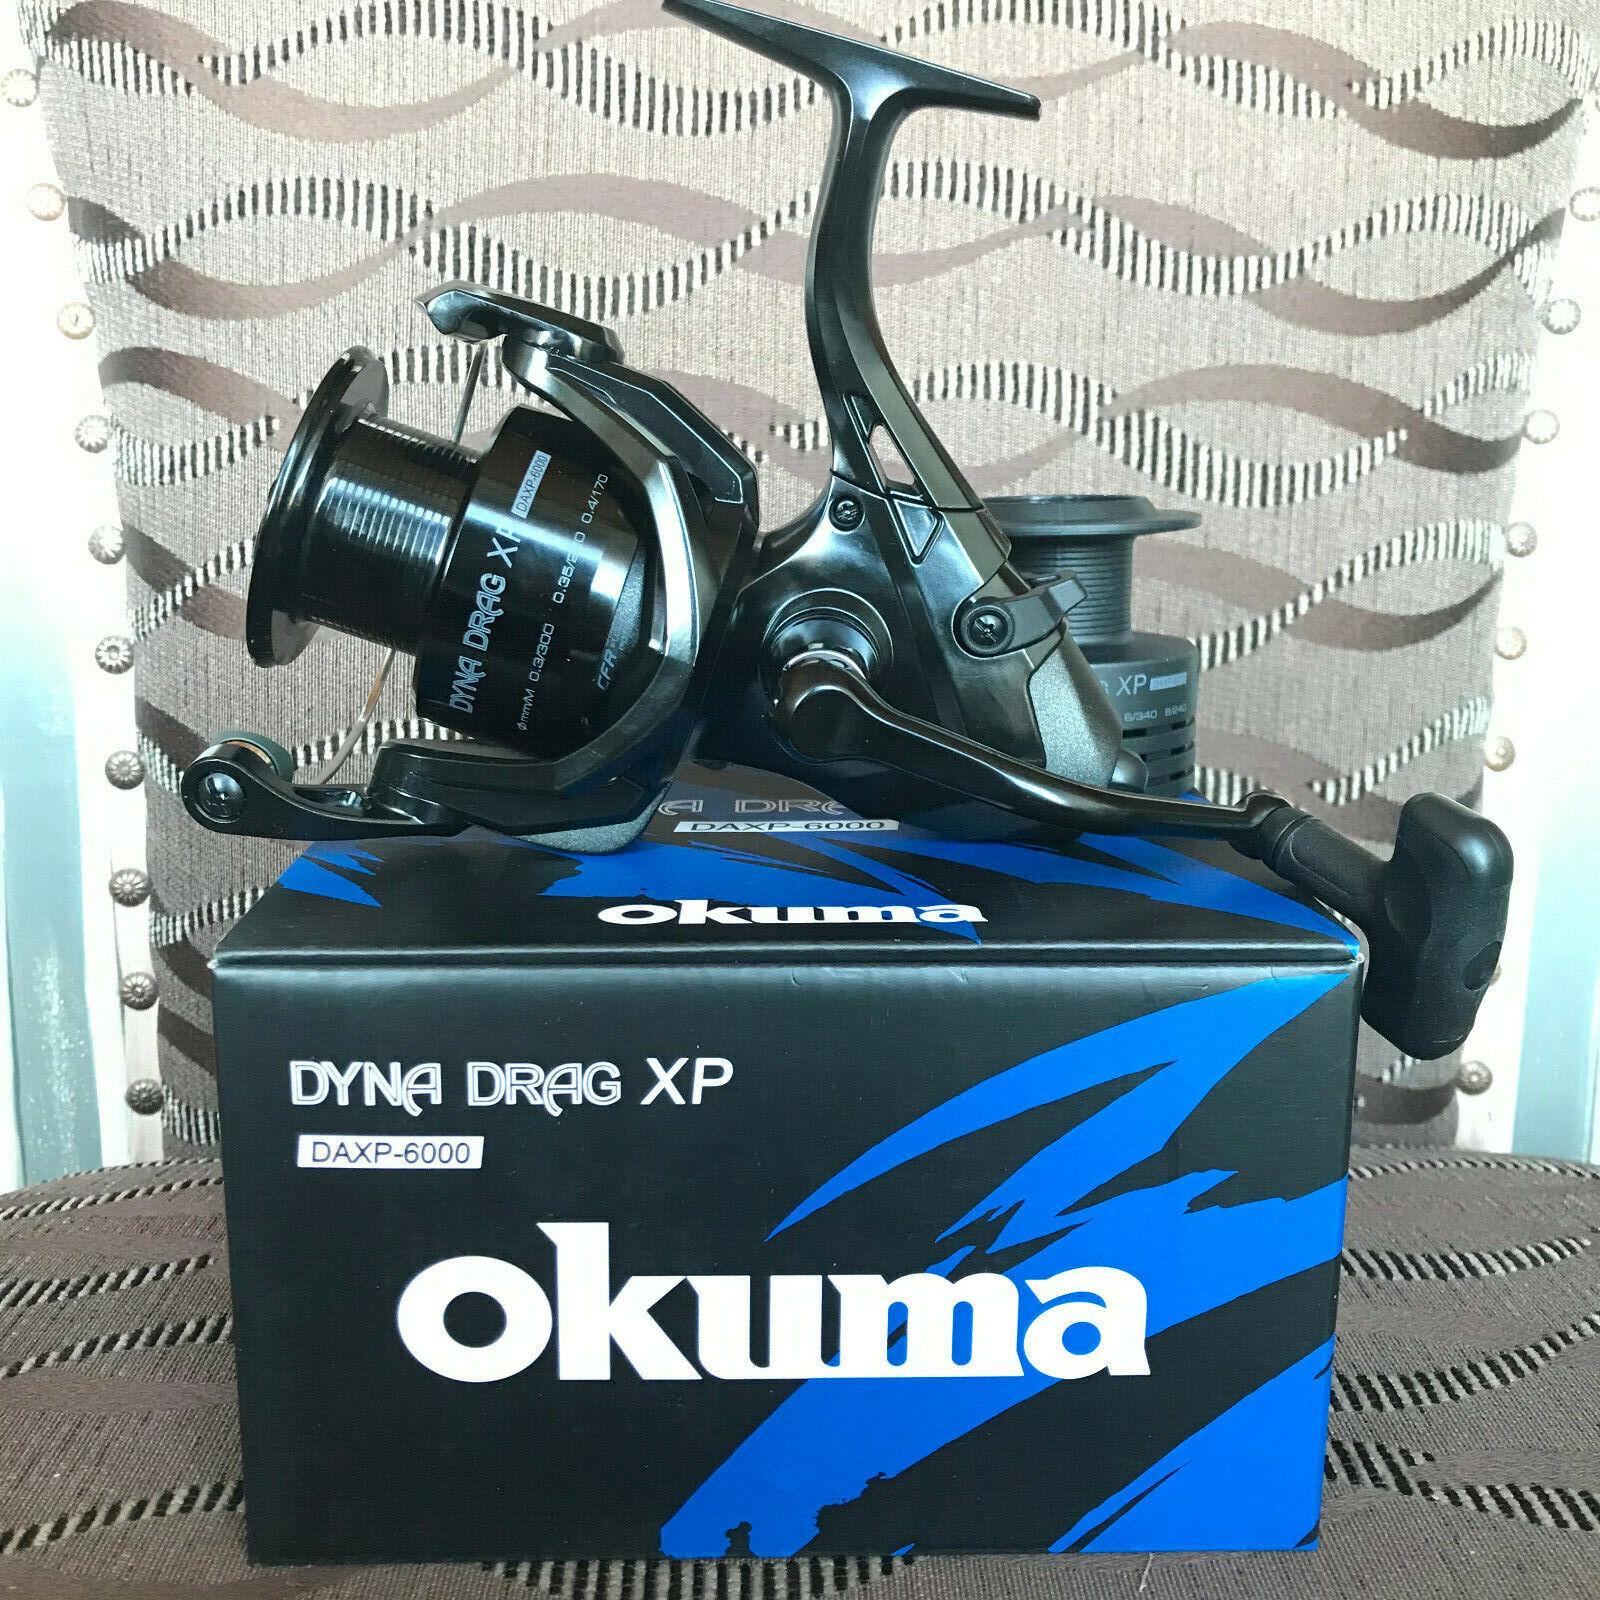 Okuma Dyna Drag XP Baitfeeder DAXP-6000 Rolle